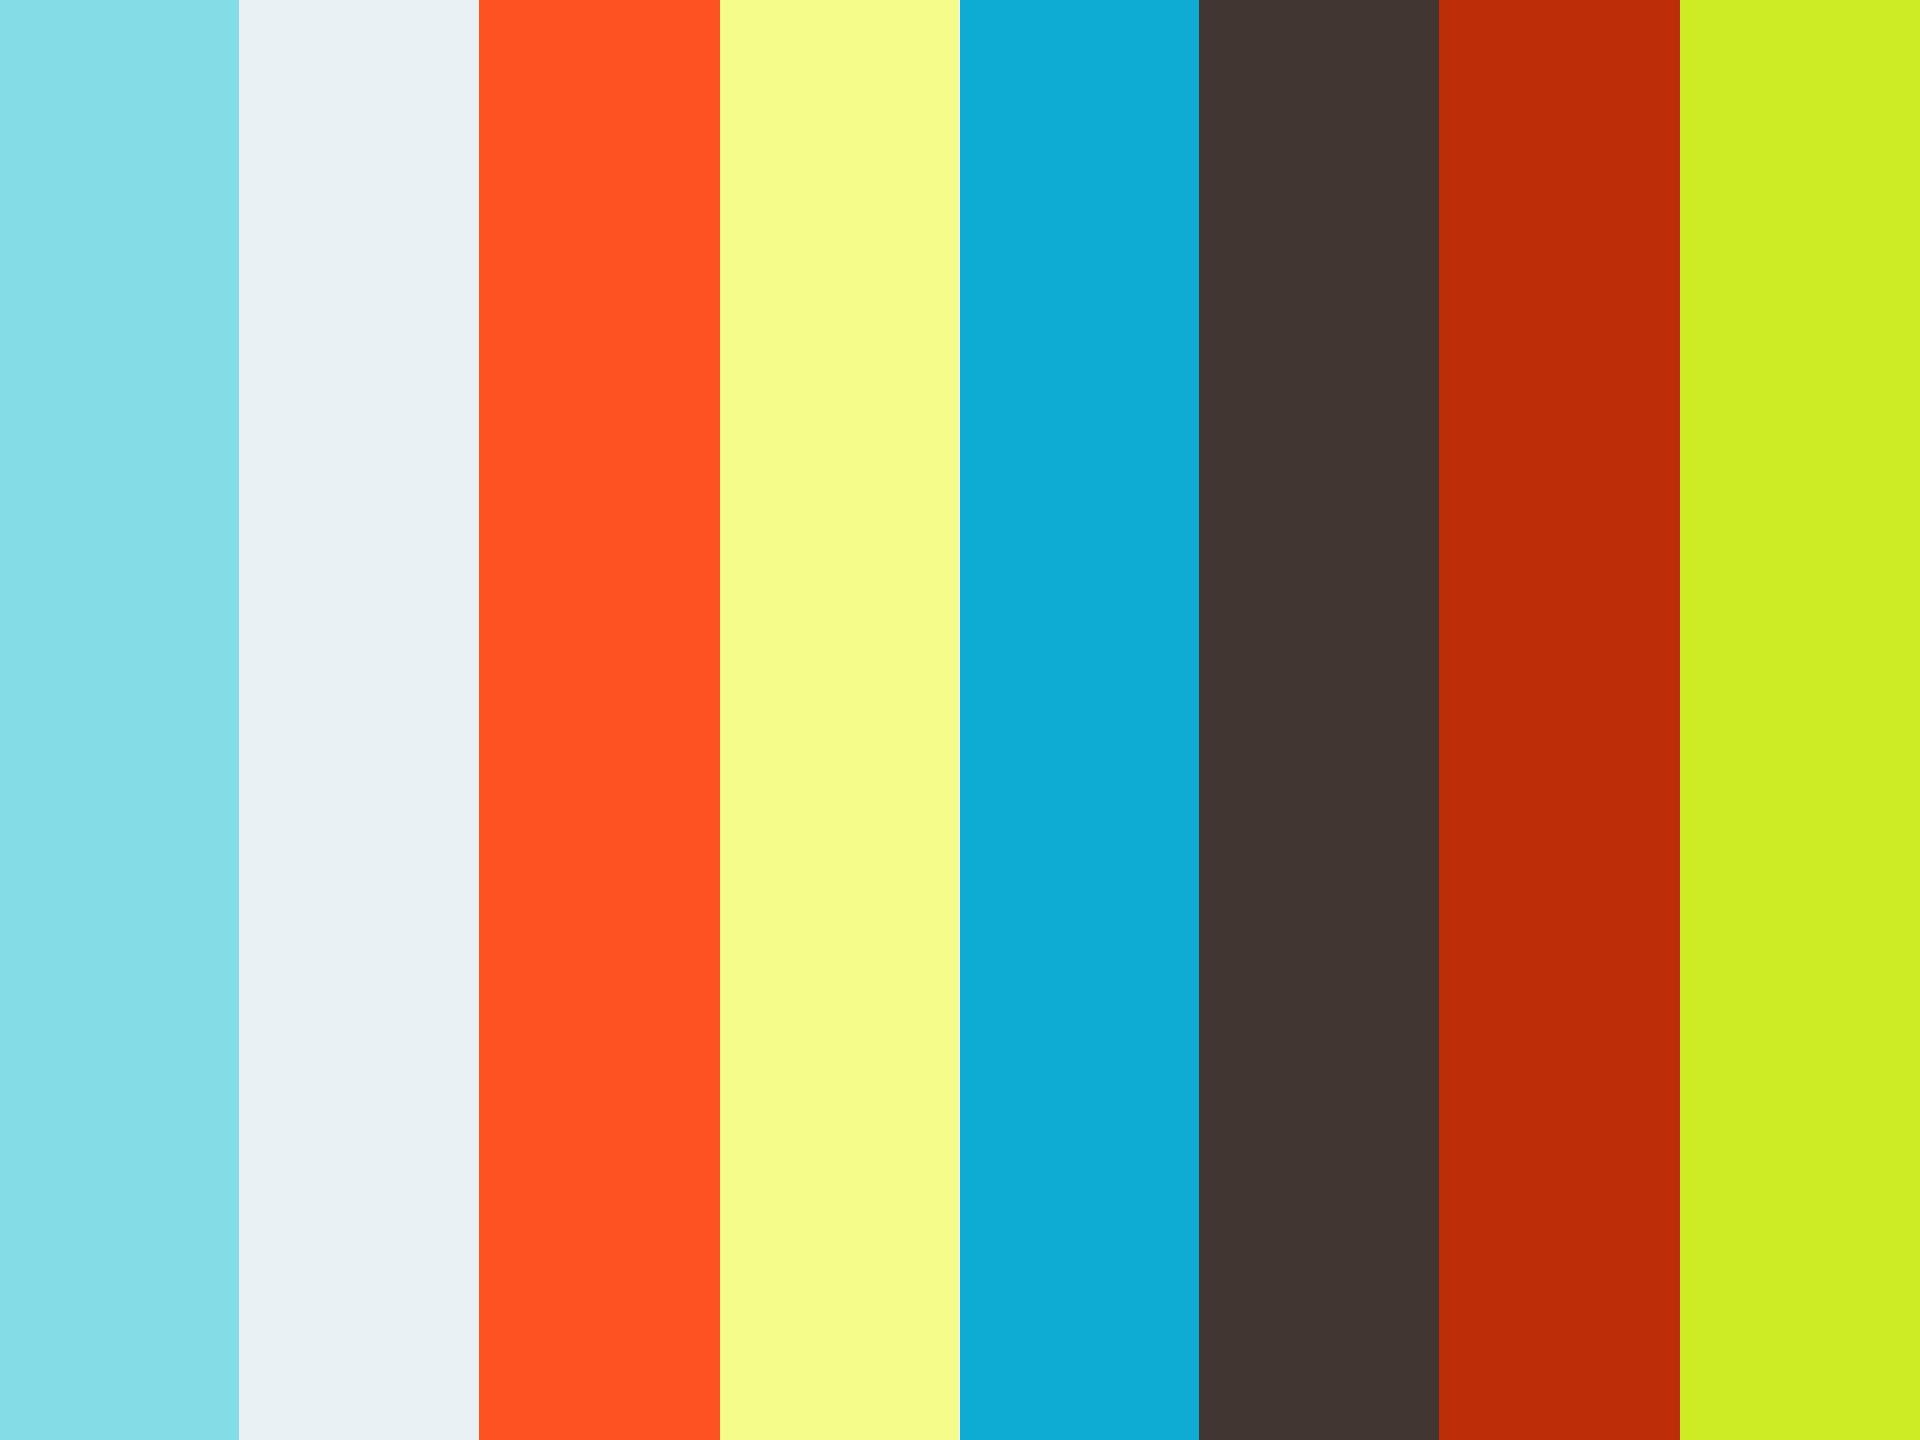 Μένω σπίτι και μαθαίνω | Δημοτική | Θρησκευτικά (Τα Πάθη του Χριστού και η πορεία προς την Ανάσταση)  16/4/20  Επ. 14